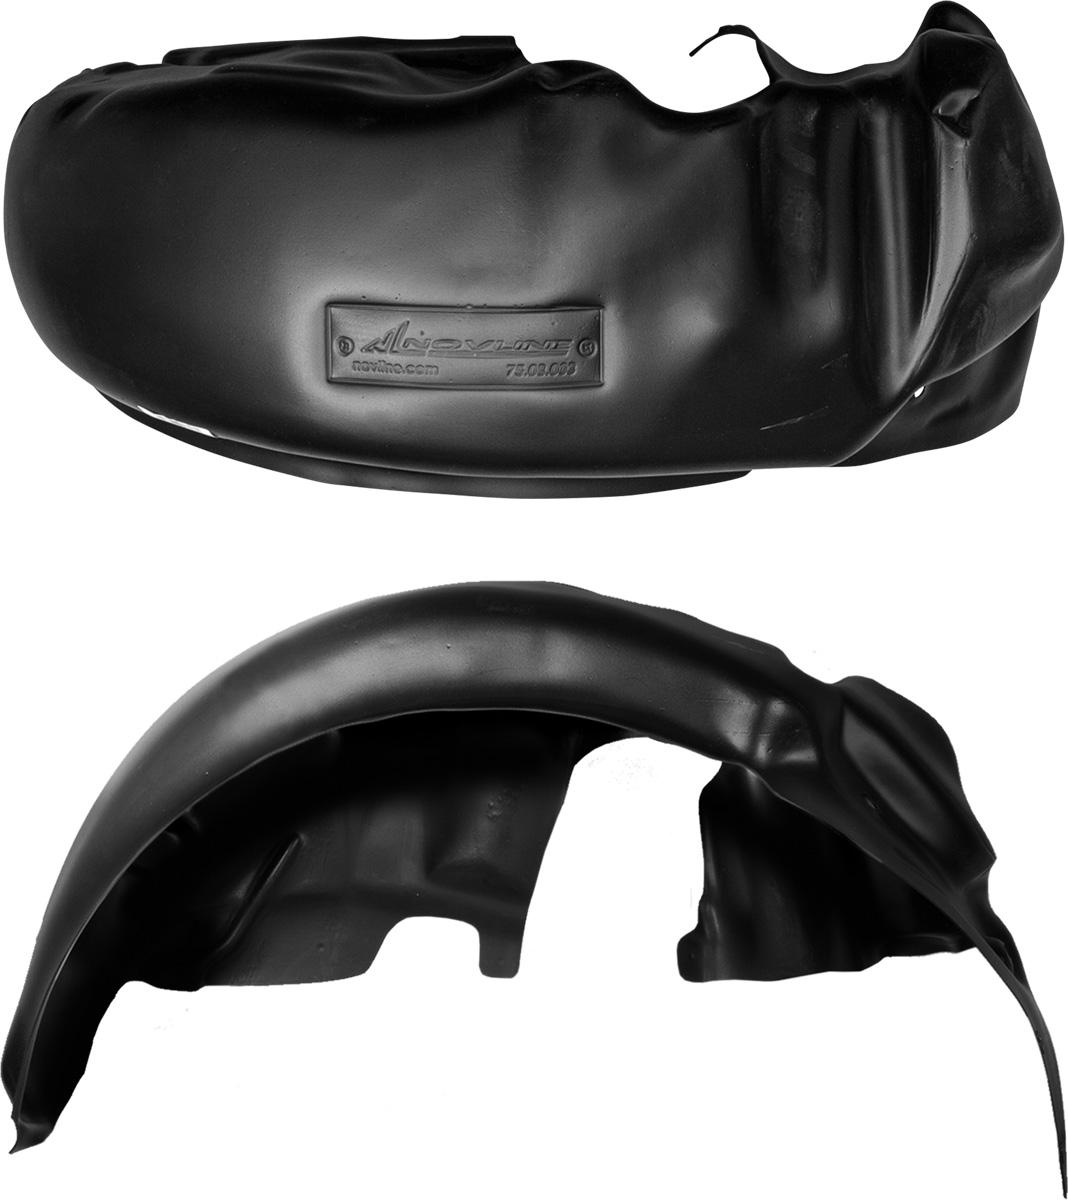 Подкрылок Novline-Autofamily, для Lada Vesta, 2015 ->, седан, без штатного войлока, задний левыйNLL.52.33.003Колесные ниши - одни из самых уязвимых зон днища вашего автомобиля. Они постоянно подвергаются воздействию со стороны дороги. Лучшая, почти абсолютная защита для них - специально отформованные пластиковые кожухи, которые называются подкрылками. Производятся они как для отечественных моделей автомобилей, так и для иномарок. Подкрылки Novline-Autofamily выполнены из высококачественного, экологически чистого пластика. Обеспечивают надежную защиту кузова автомобиля от пескоструйного эффекта и негативного влияния, агрессивных антигололедных реагентов. Пластик обладает более низкой теплопроводностью, чем металл, поэтому в зимний период эксплуатации использование пластиковых подкрылков позволяет лучше защитить колесные ниши от налипания снега и образования наледи. Оригинальность конструкции подчеркивает элегантность автомобиля, бережно защищает нанесенное на днище кузова антикоррозийное покрытие и позволяет осуществить крепление подкрылков внутри колесной арки практически без дополнительного крепежа и сверления, не нарушая при этом лакокрасочного покрытия, что предотвращает возникновение новых очагов коррозии. Подкрылки долговечны, обладают высокой прочностью и сохраняют заданную форму, а также все свои физико-механические характеристики в самых тяжелых климатических условиях (от -50°С до +50°С).Уважаемые клиенты!Обращаем ваше внимание, на тот факт, что подкрылок имеет форму, соответствующую модели данного автомобиля. Фото служит для визуального восприятия товара.